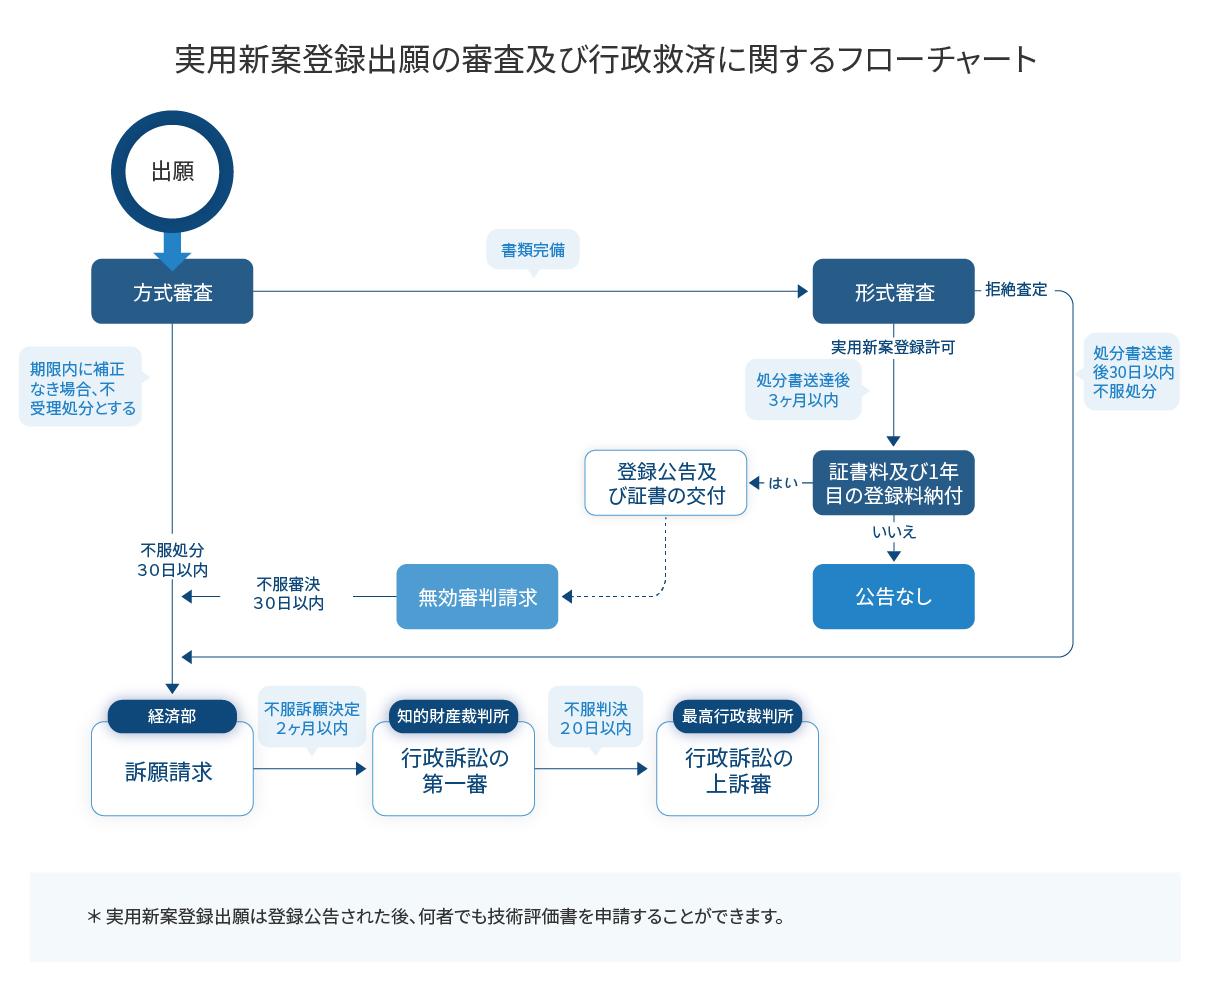 実用新案登録出願の審査及び行政救済に関するフローチャート